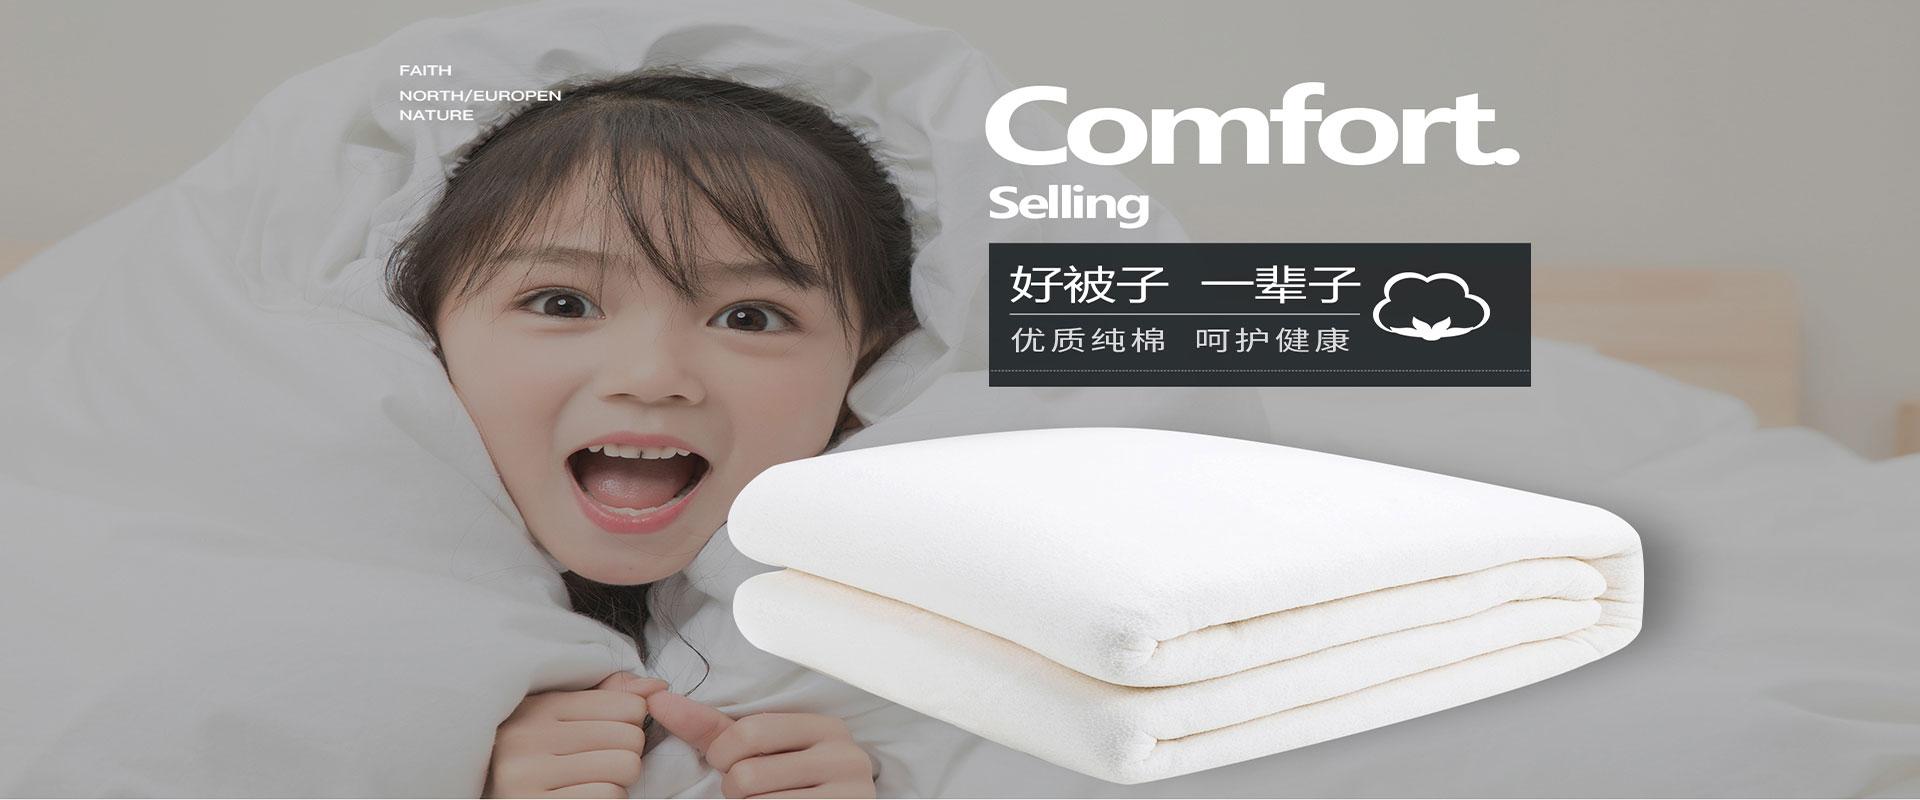 宜慧棉胎四川珍禧纺织品有限公司